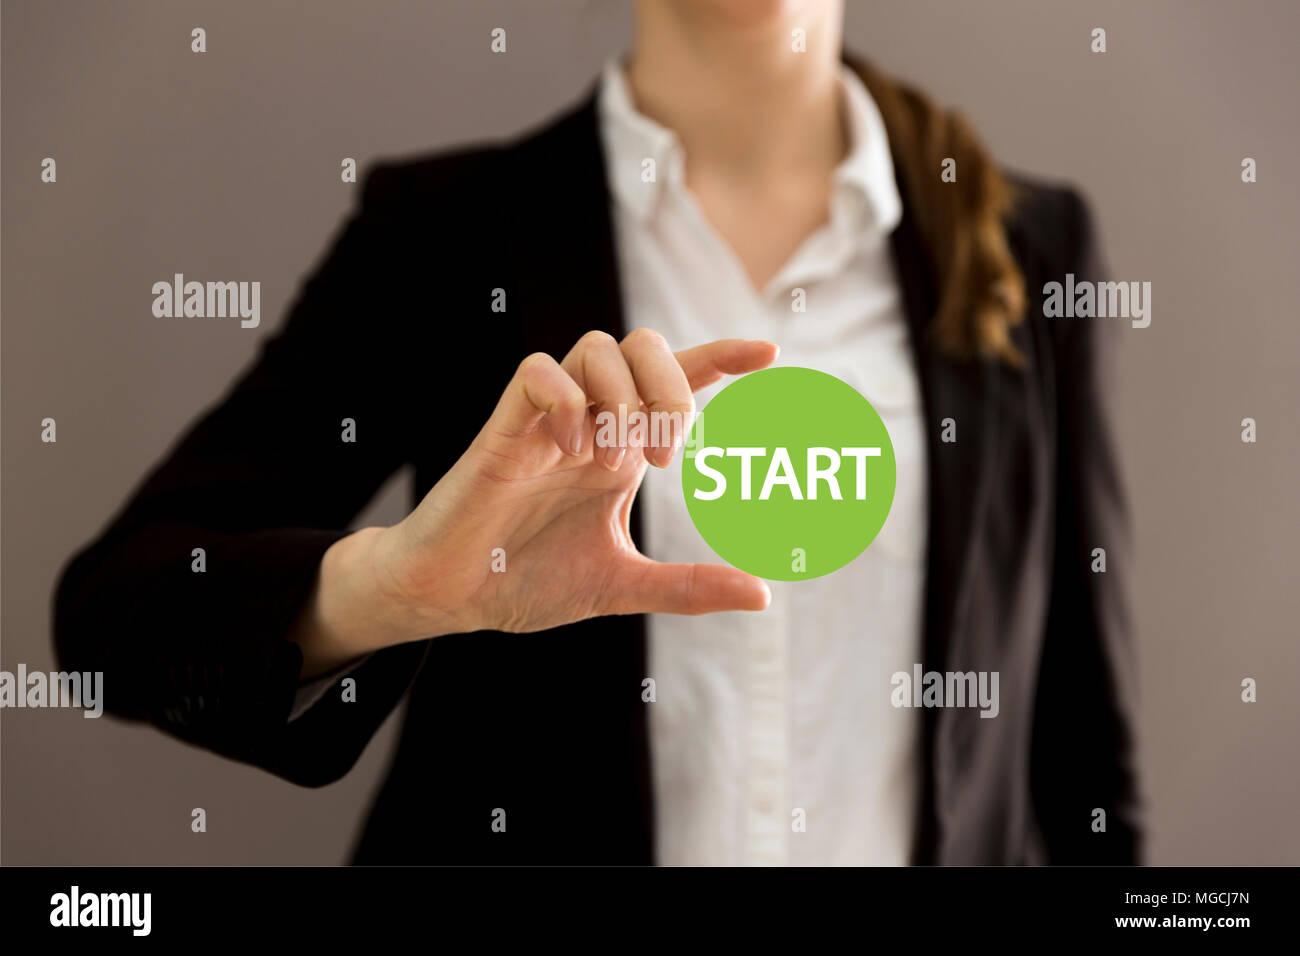 Junge Geschäftsfrau Holding virtuellen Button starten. Neue beginnt, Business Konzept Stockfoto